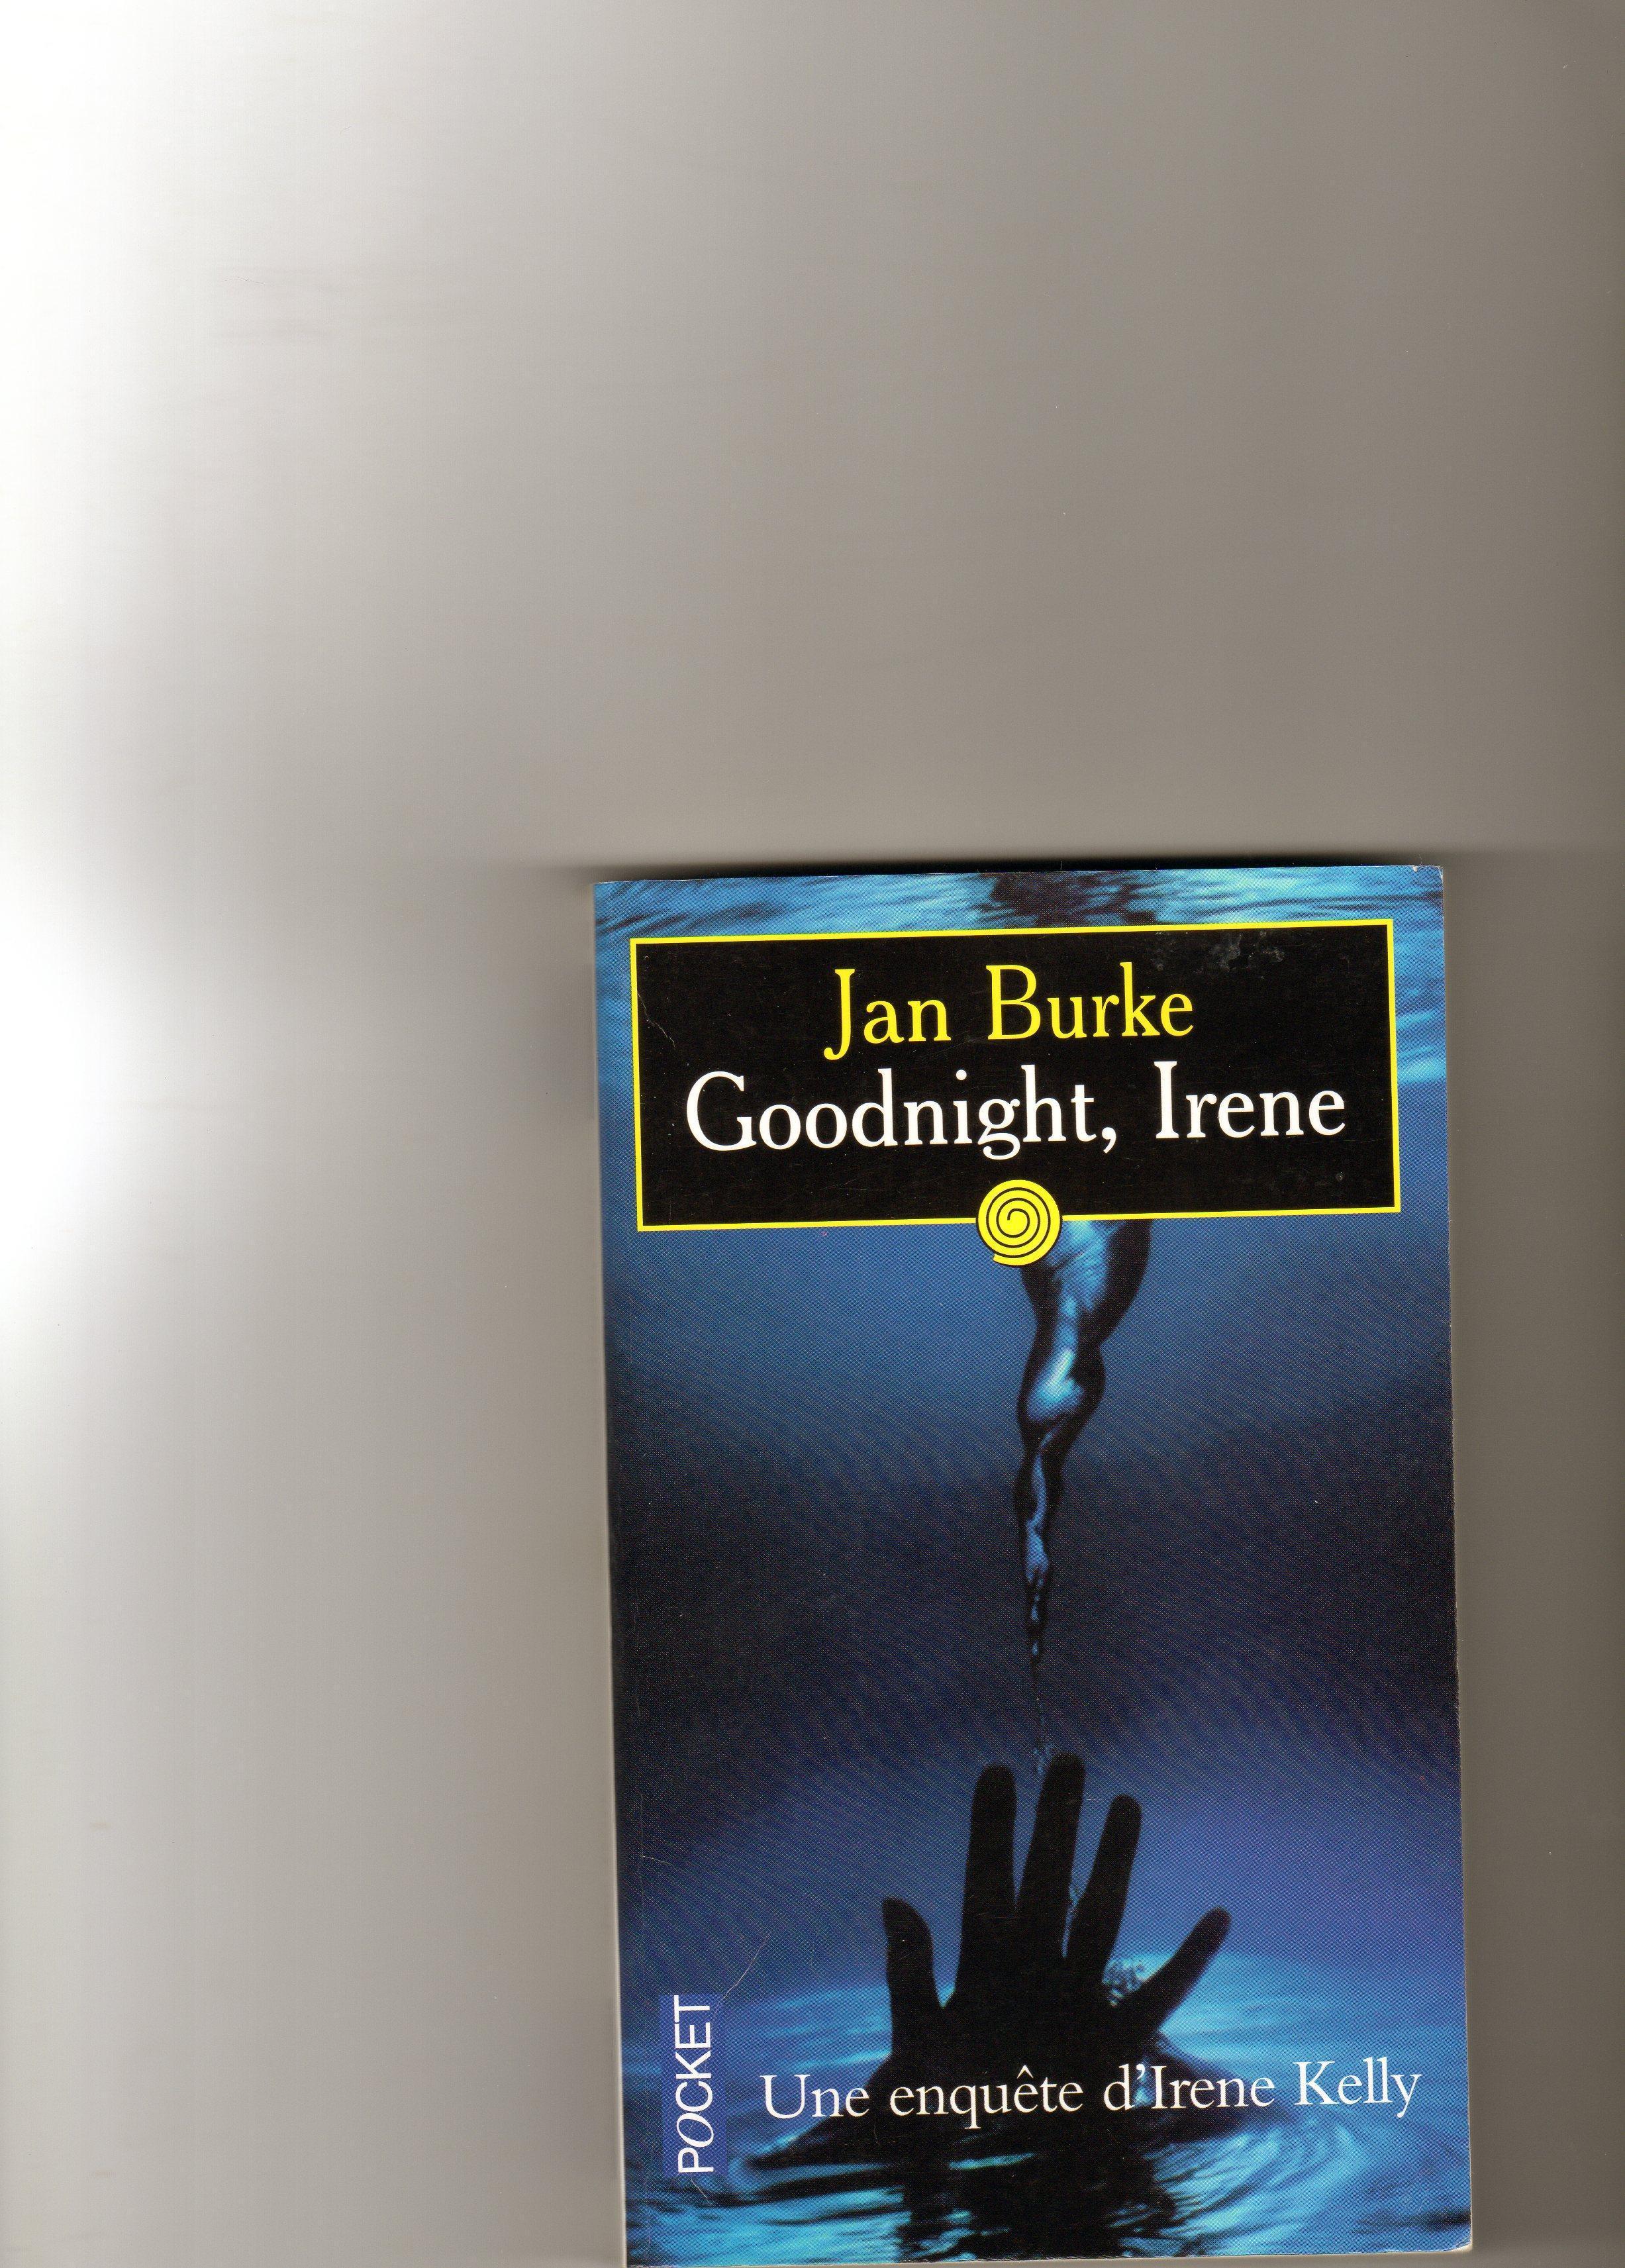 troc de troc goodnight irene par jan burke image 0